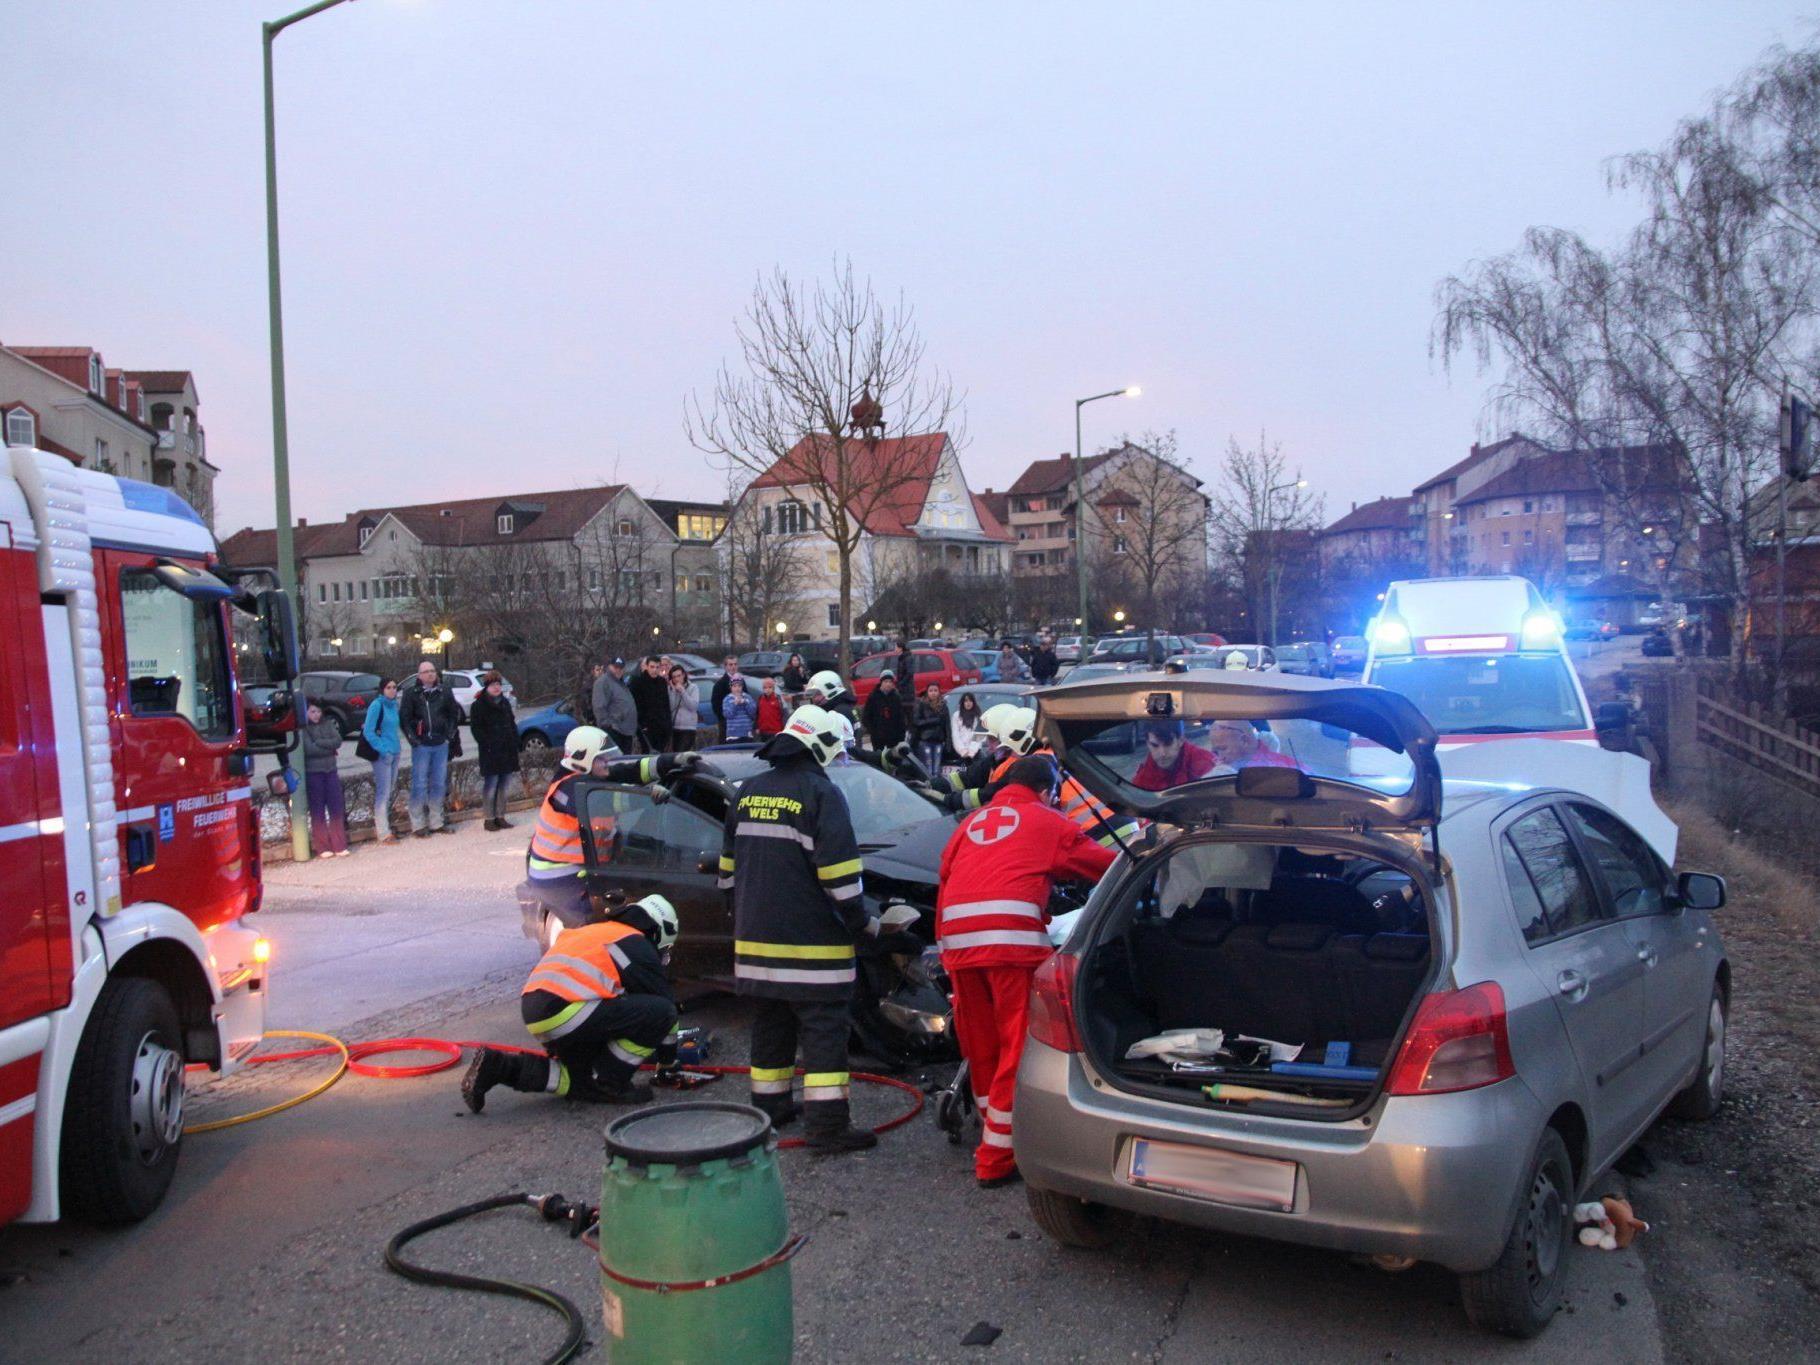 Die Lenkerin eines der beiden beteiligten Fahrzeuge wurde bei dem Zusammenstoß im Fahrzeug eingeklemmt und musste von der Feuerwehr aus dem Fahrzeug gerettet werden.